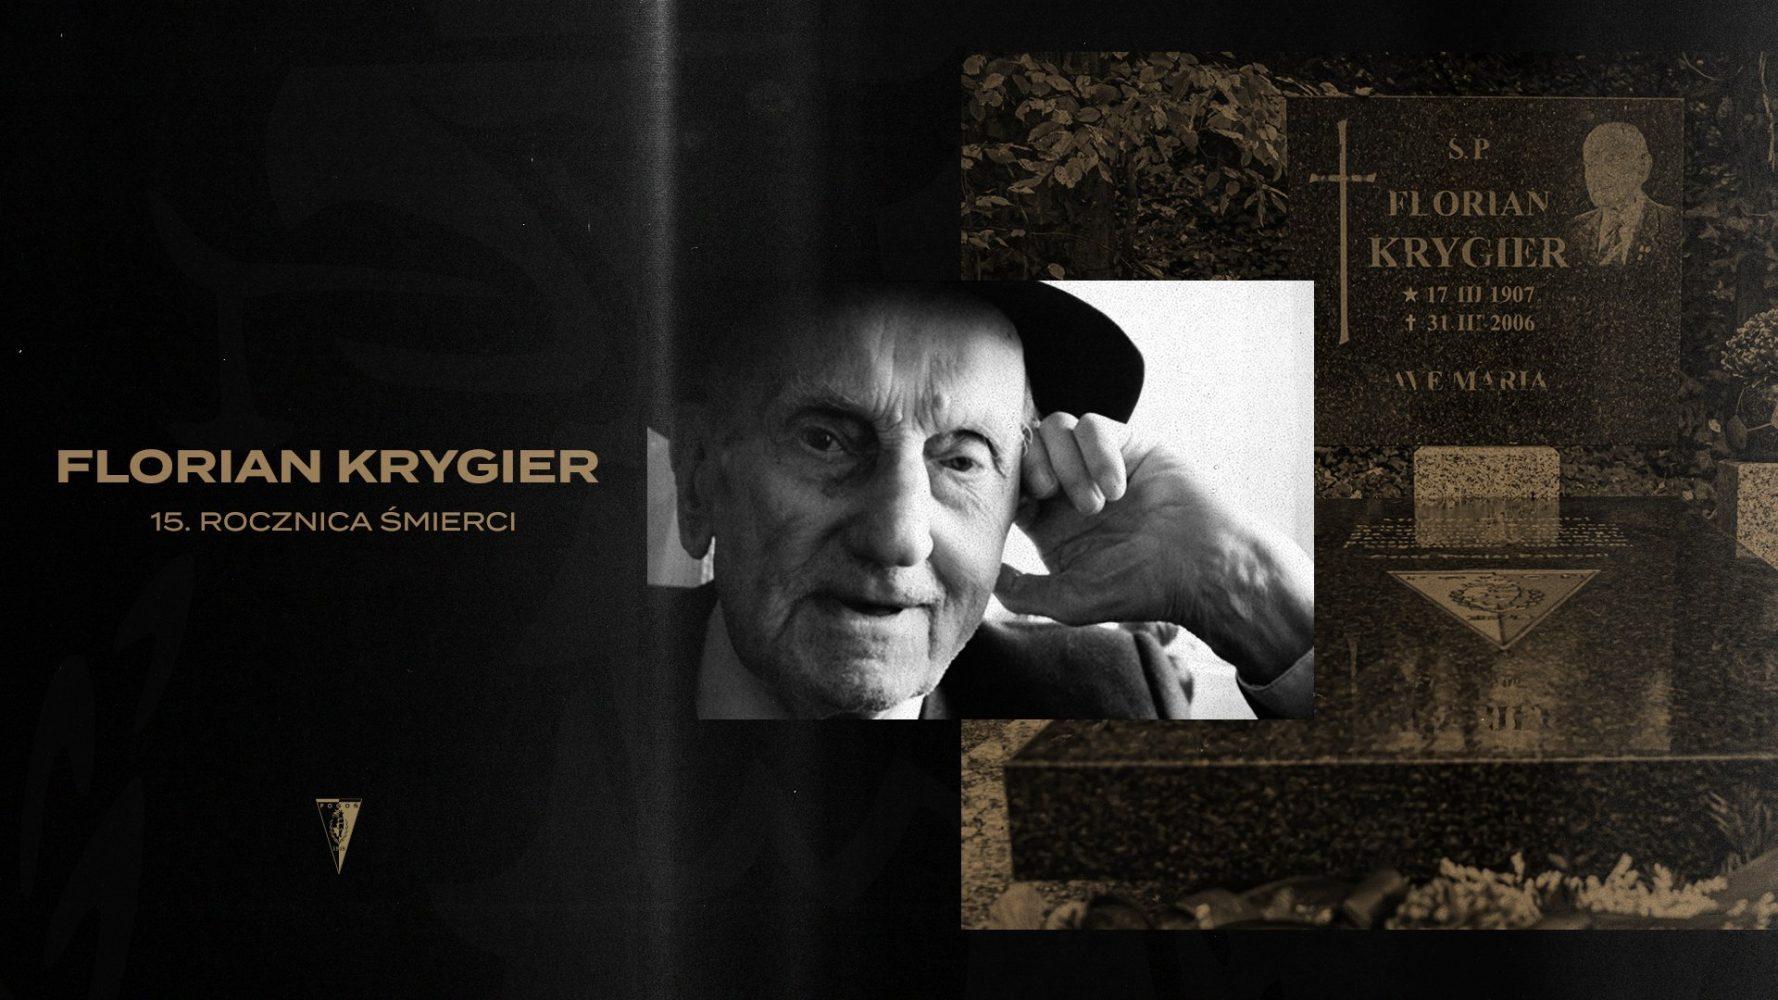 15. rocznica śmierci Floriana Krygiera.